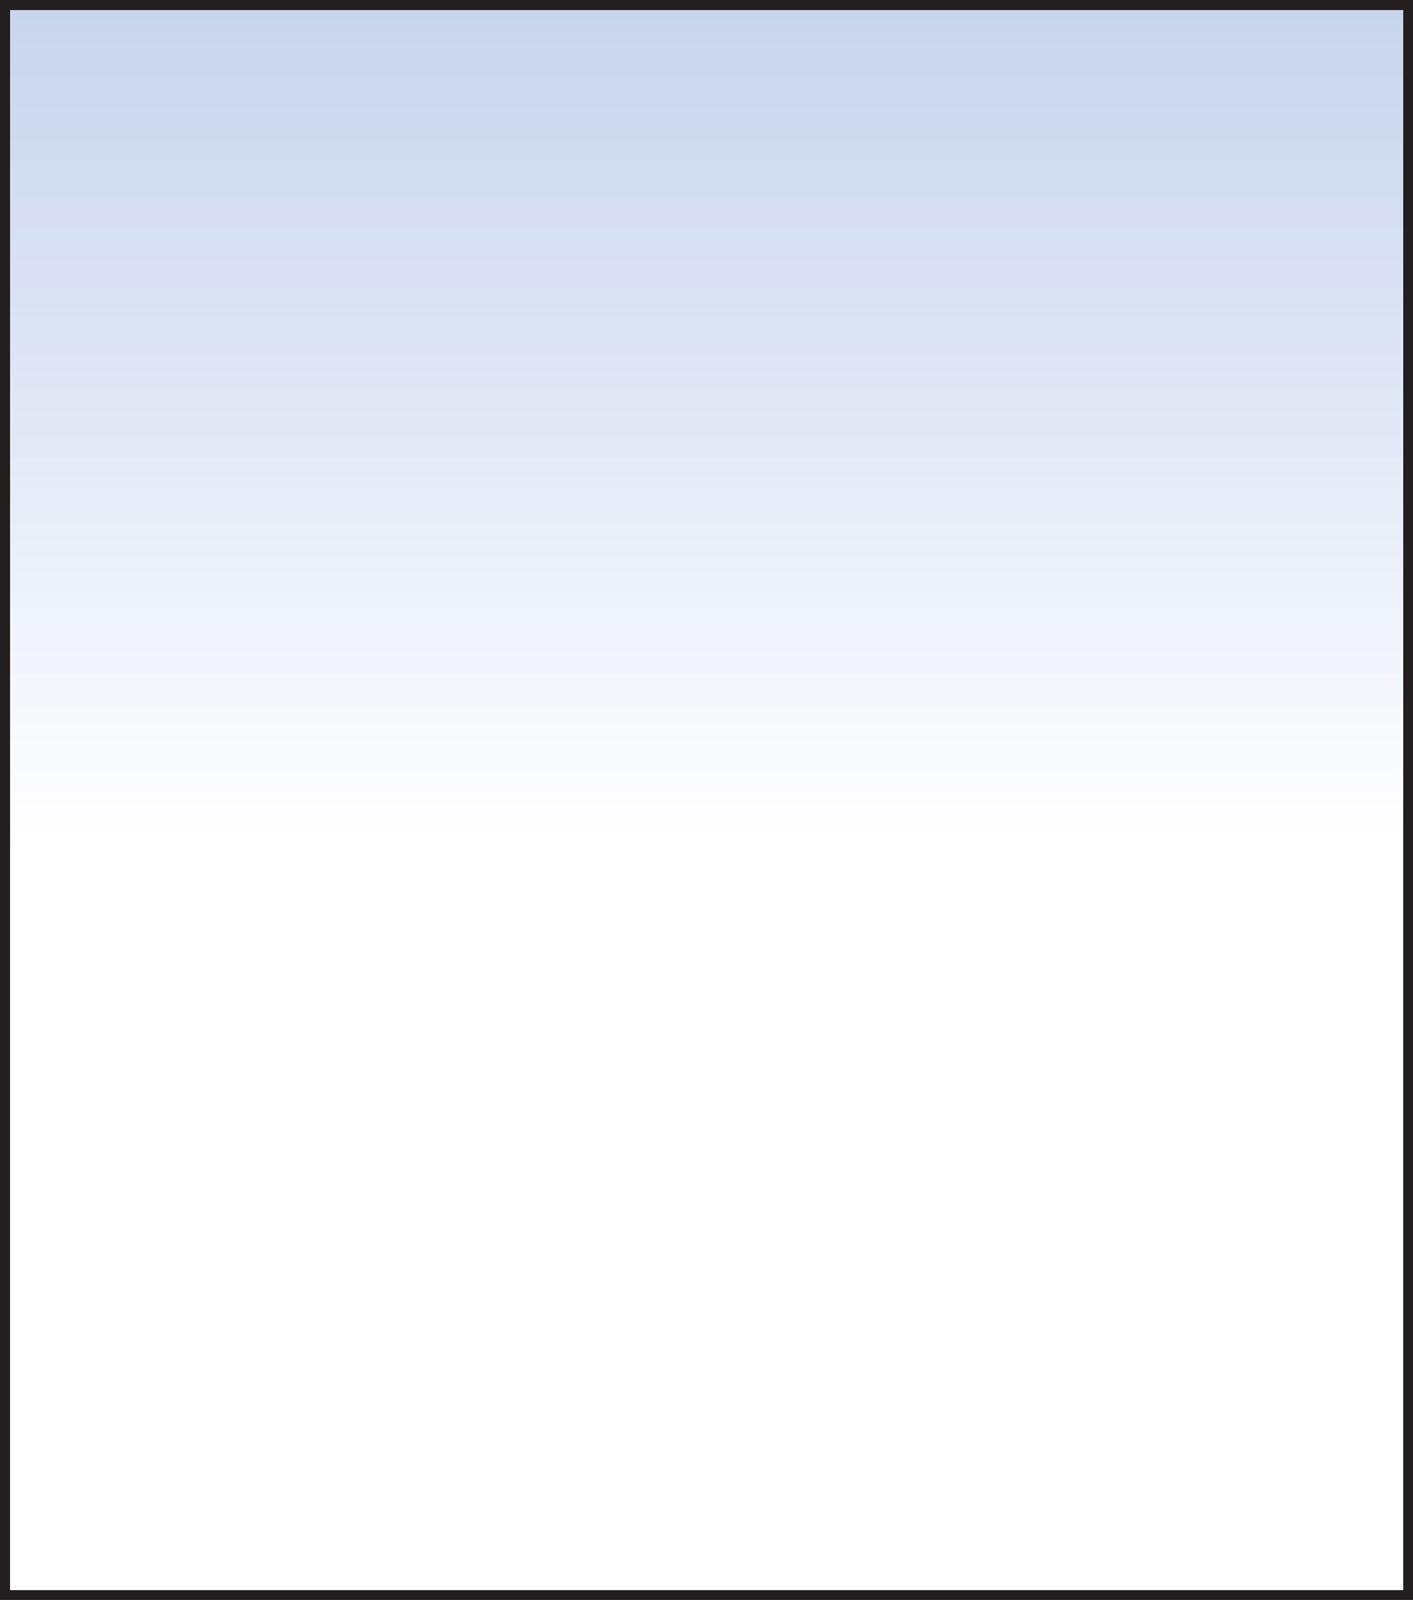 SW150-Sky-Blue-1-Soft-Grad